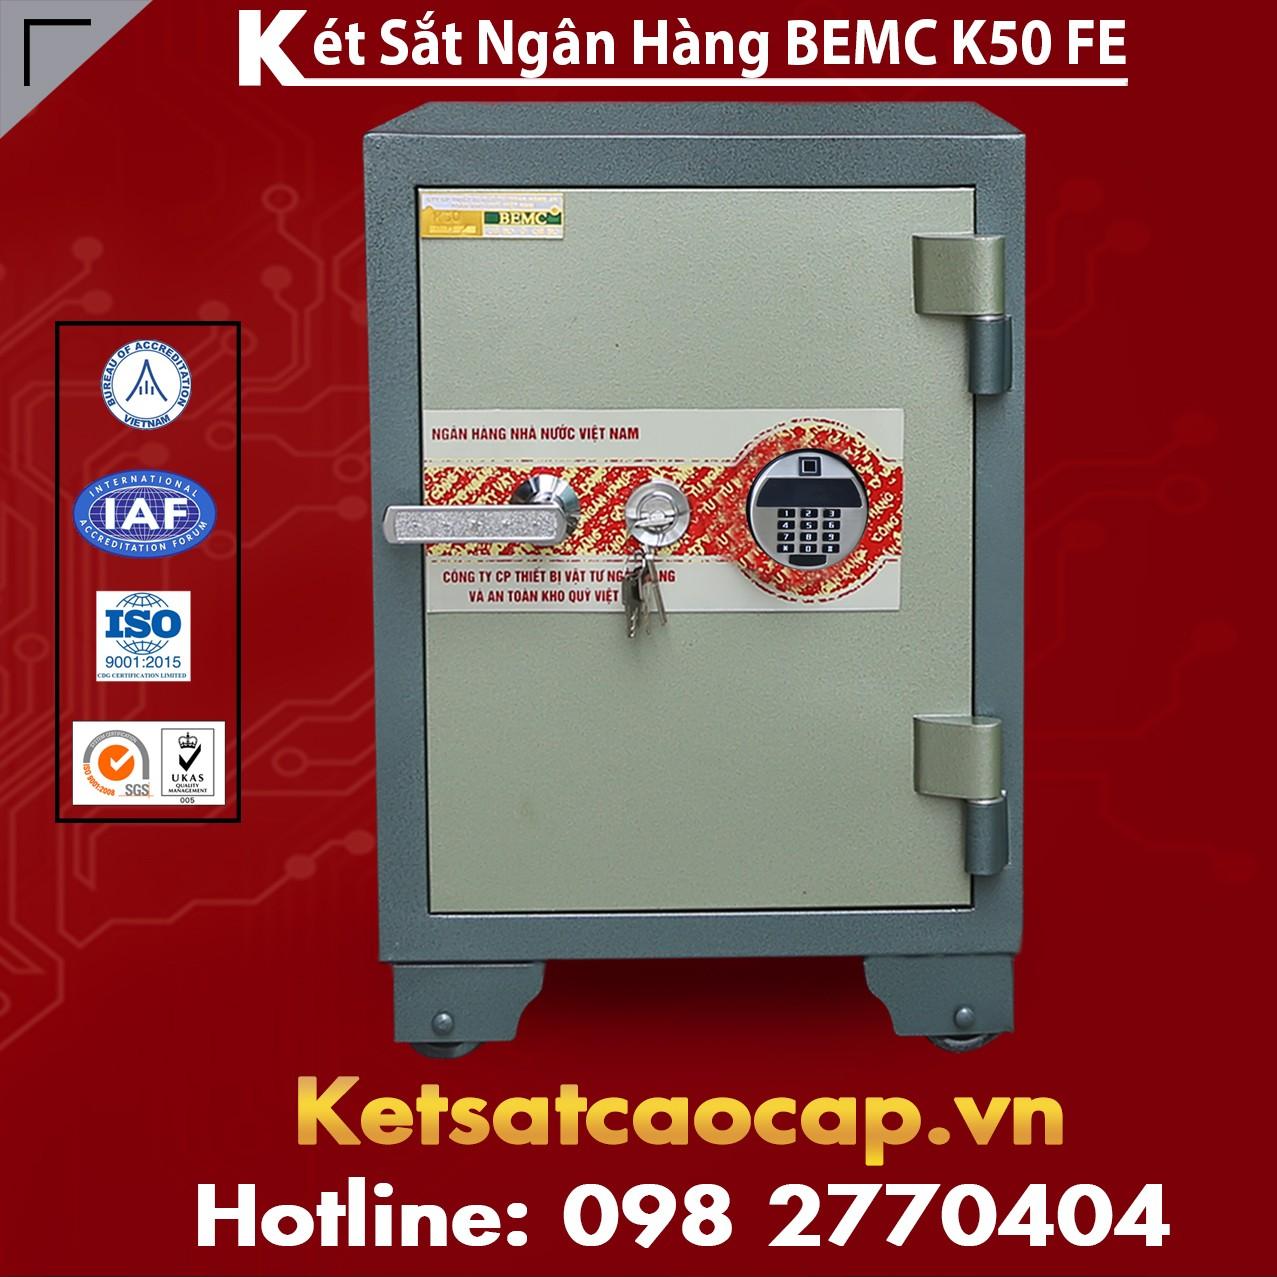 Két Sắt Vân Tay Điện Tử Hàn Quốc BEMC K50 FE Ưu Đãi Siêu Khủng